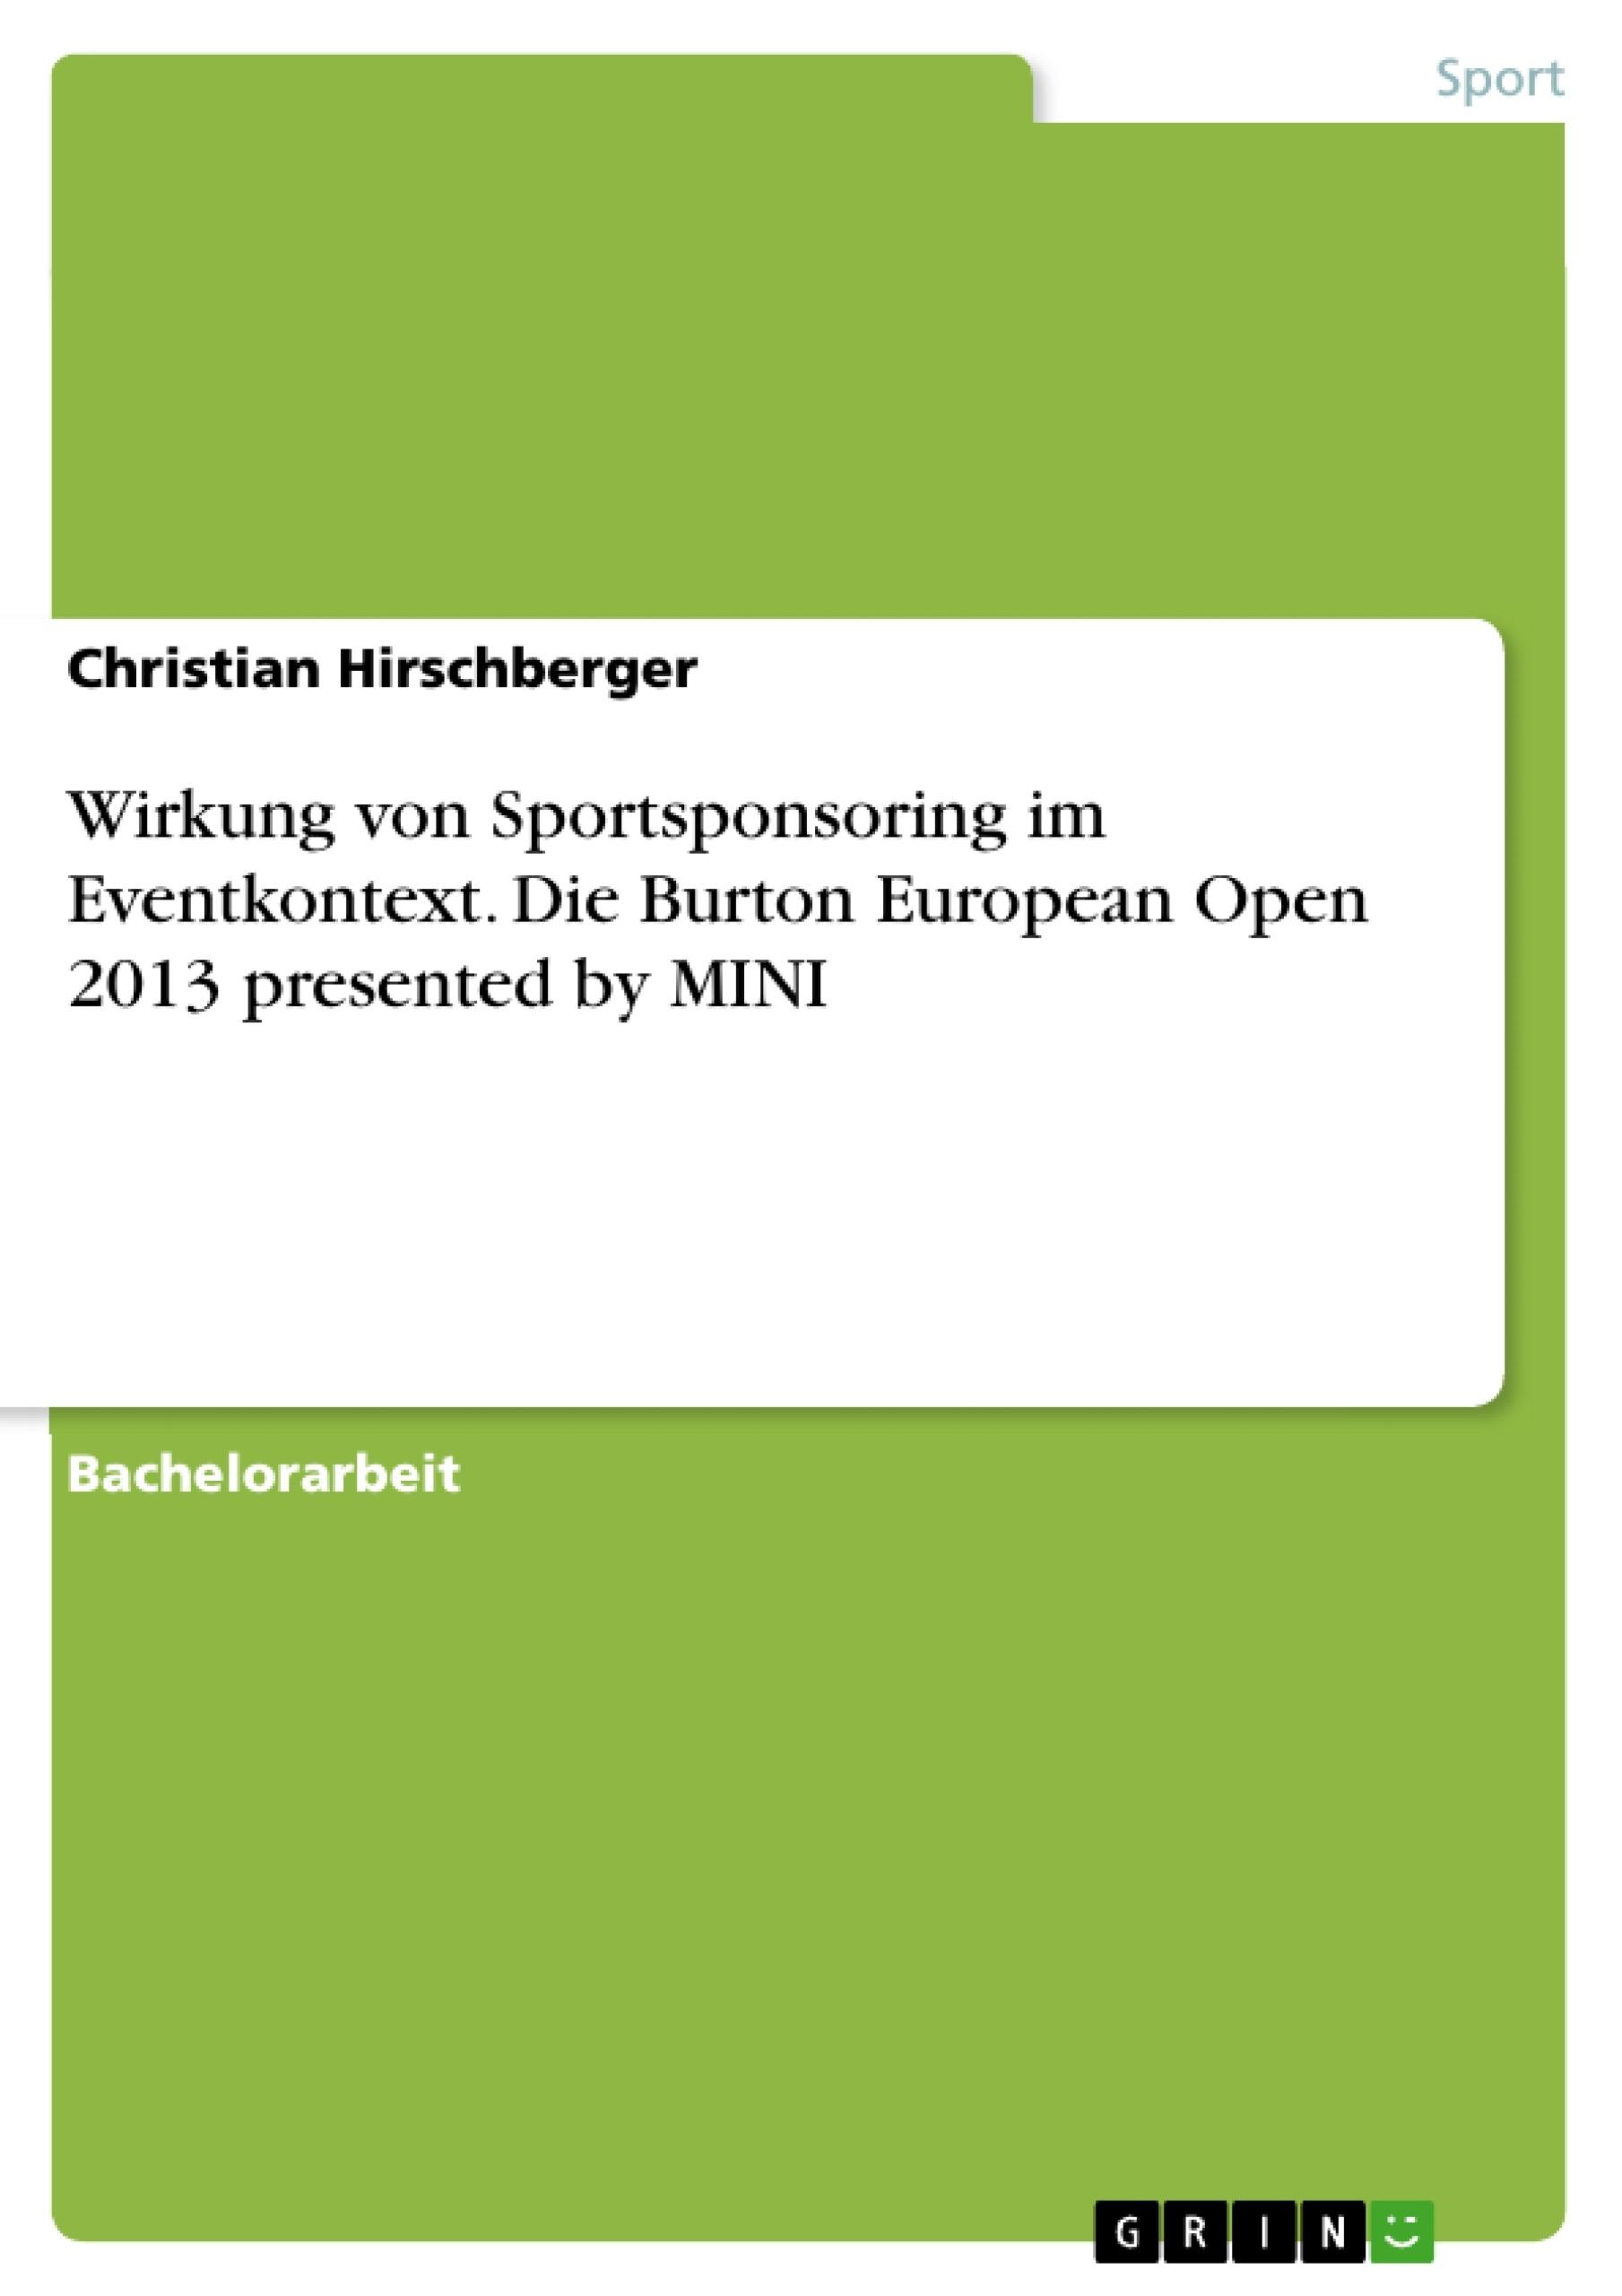 Titel: Wirkung von Sportsponsoring im Eventkontext. Die Burton European Open 2013 presented by MINI